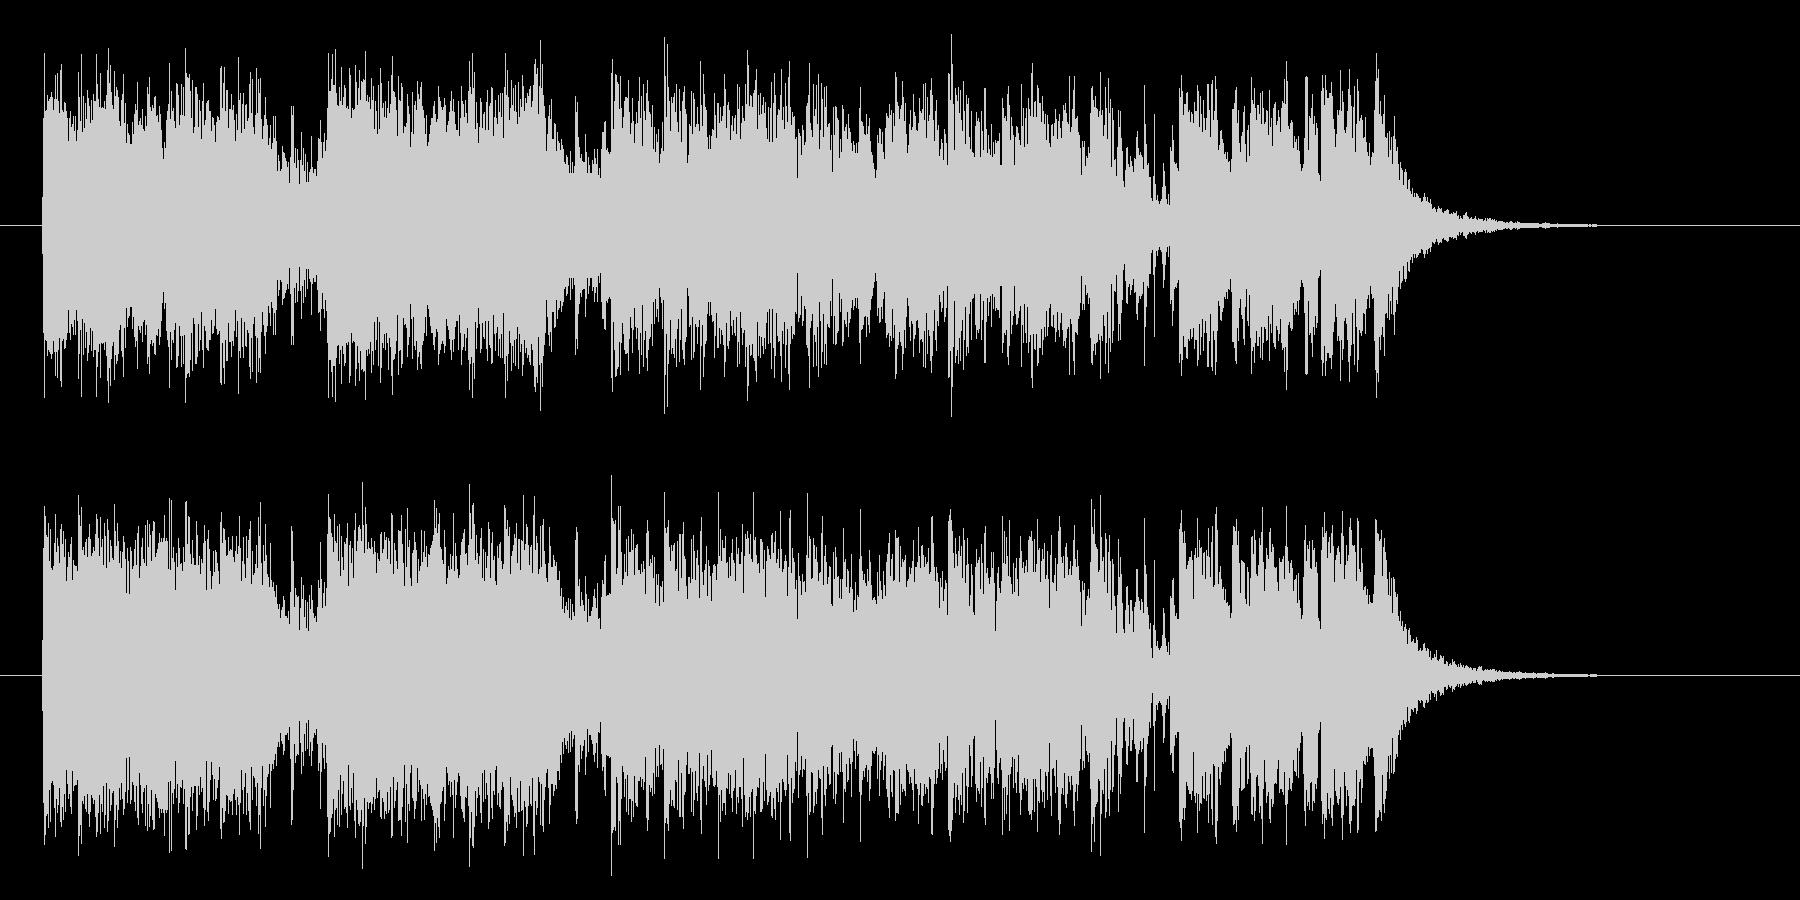 エレキギターがダイナミックなヘヴィメタルの未再生の波形